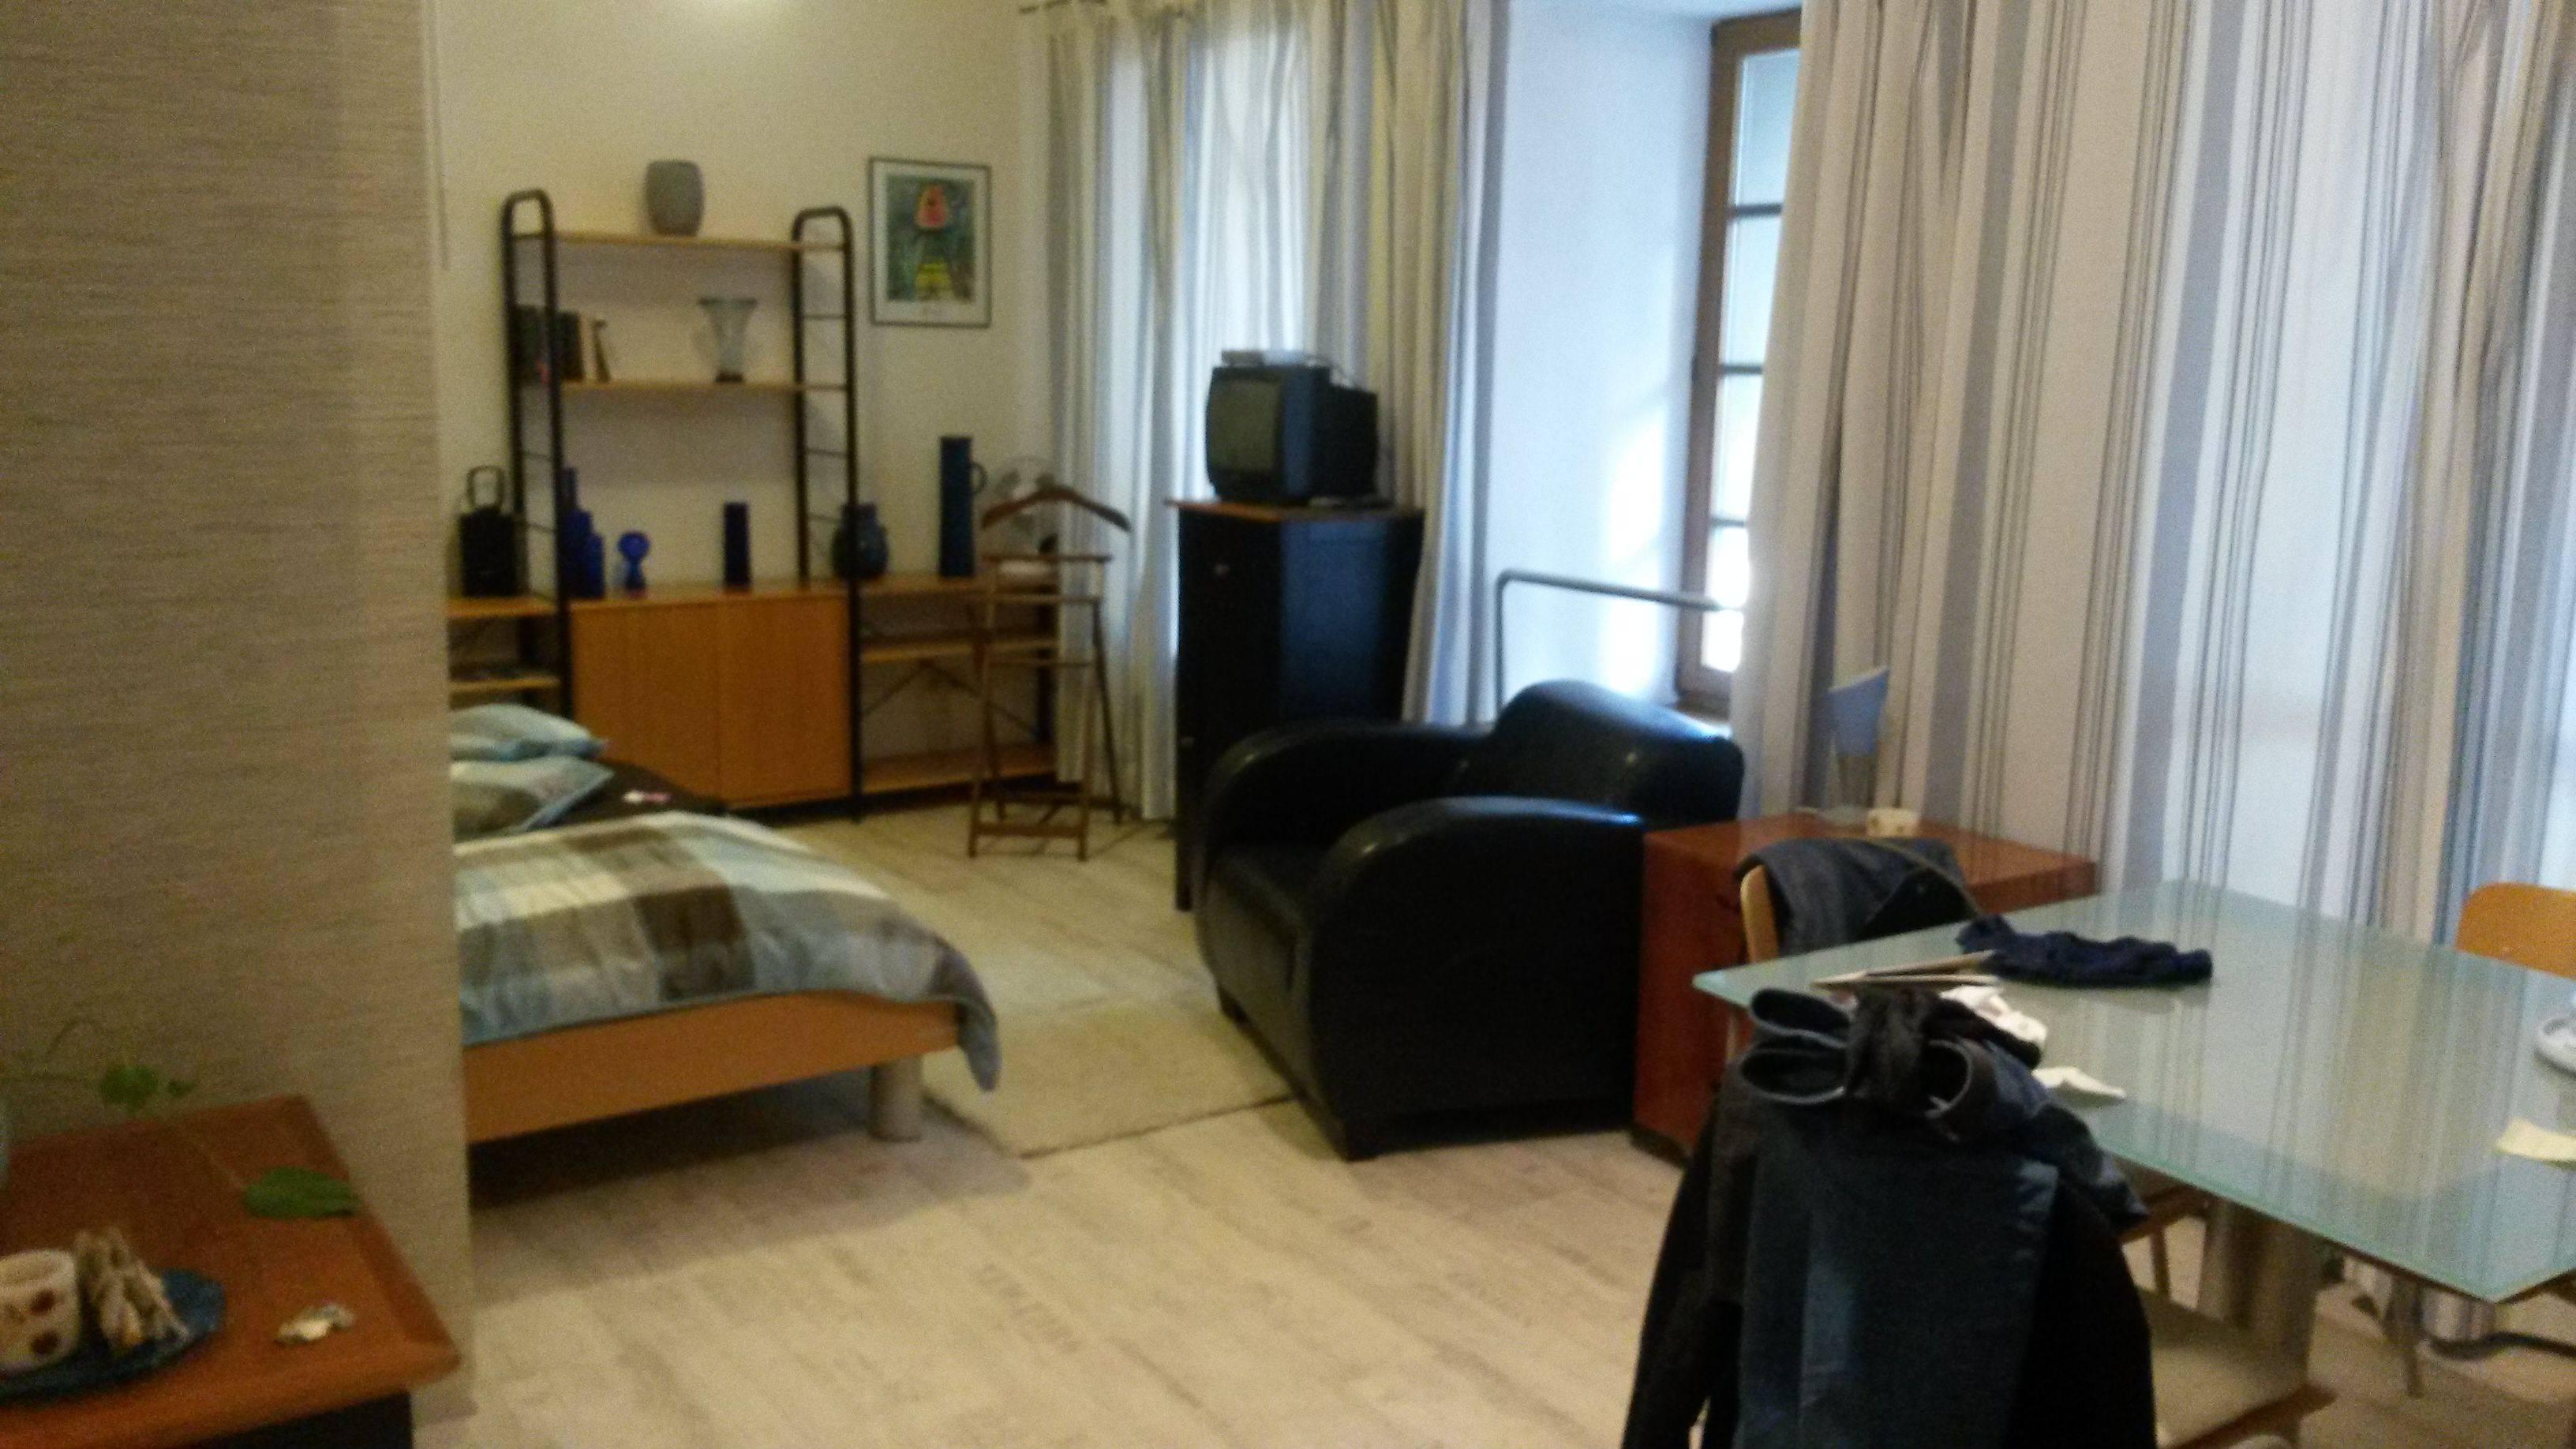 Photo 1: Un petit appartement au cœur de Berlin